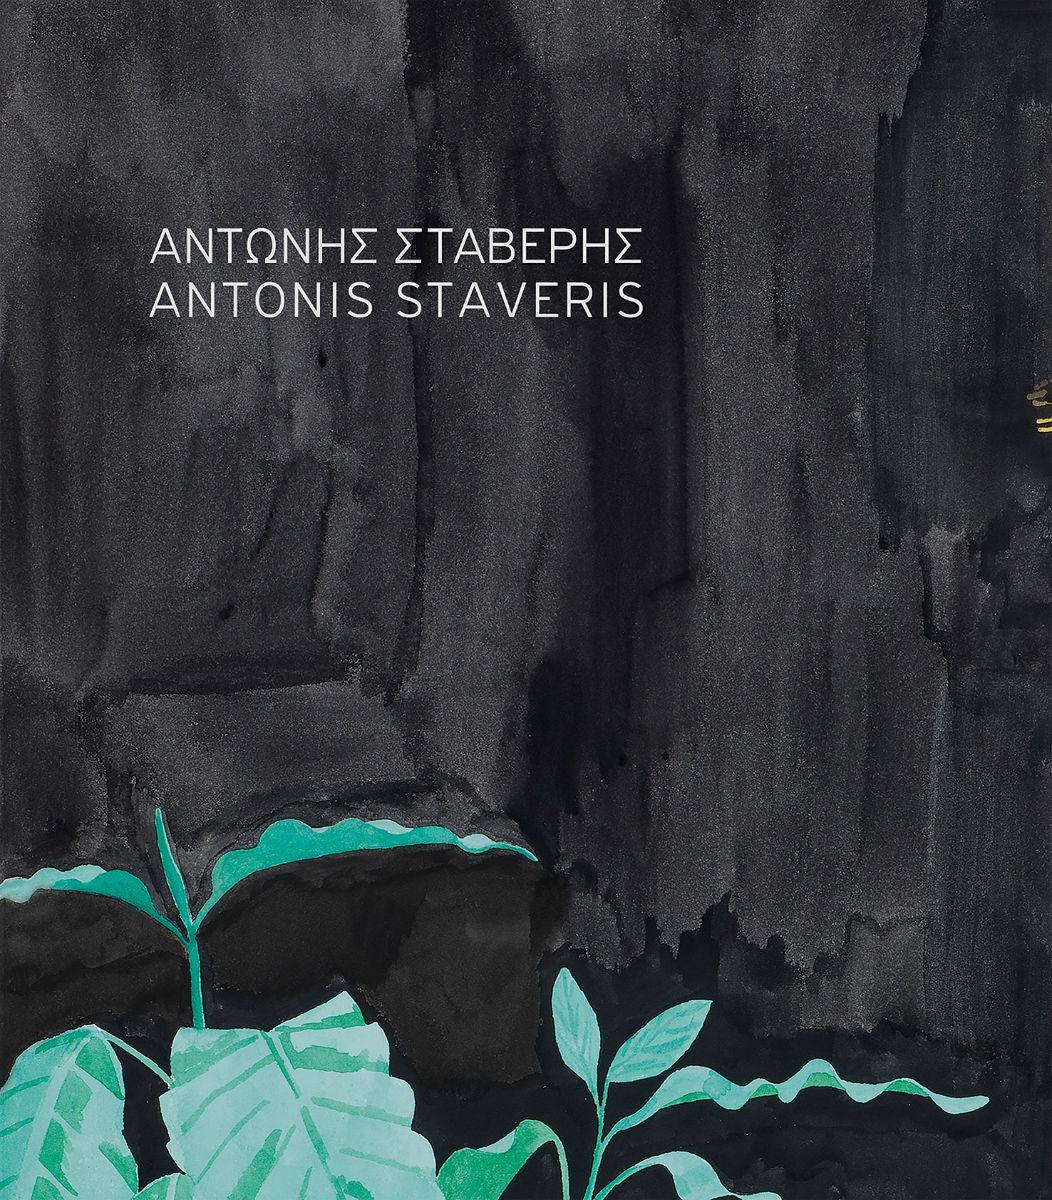 Catalogue:Αντώνης Στάβερης: Αλλόκοτη χλωρίδα της μνήμης